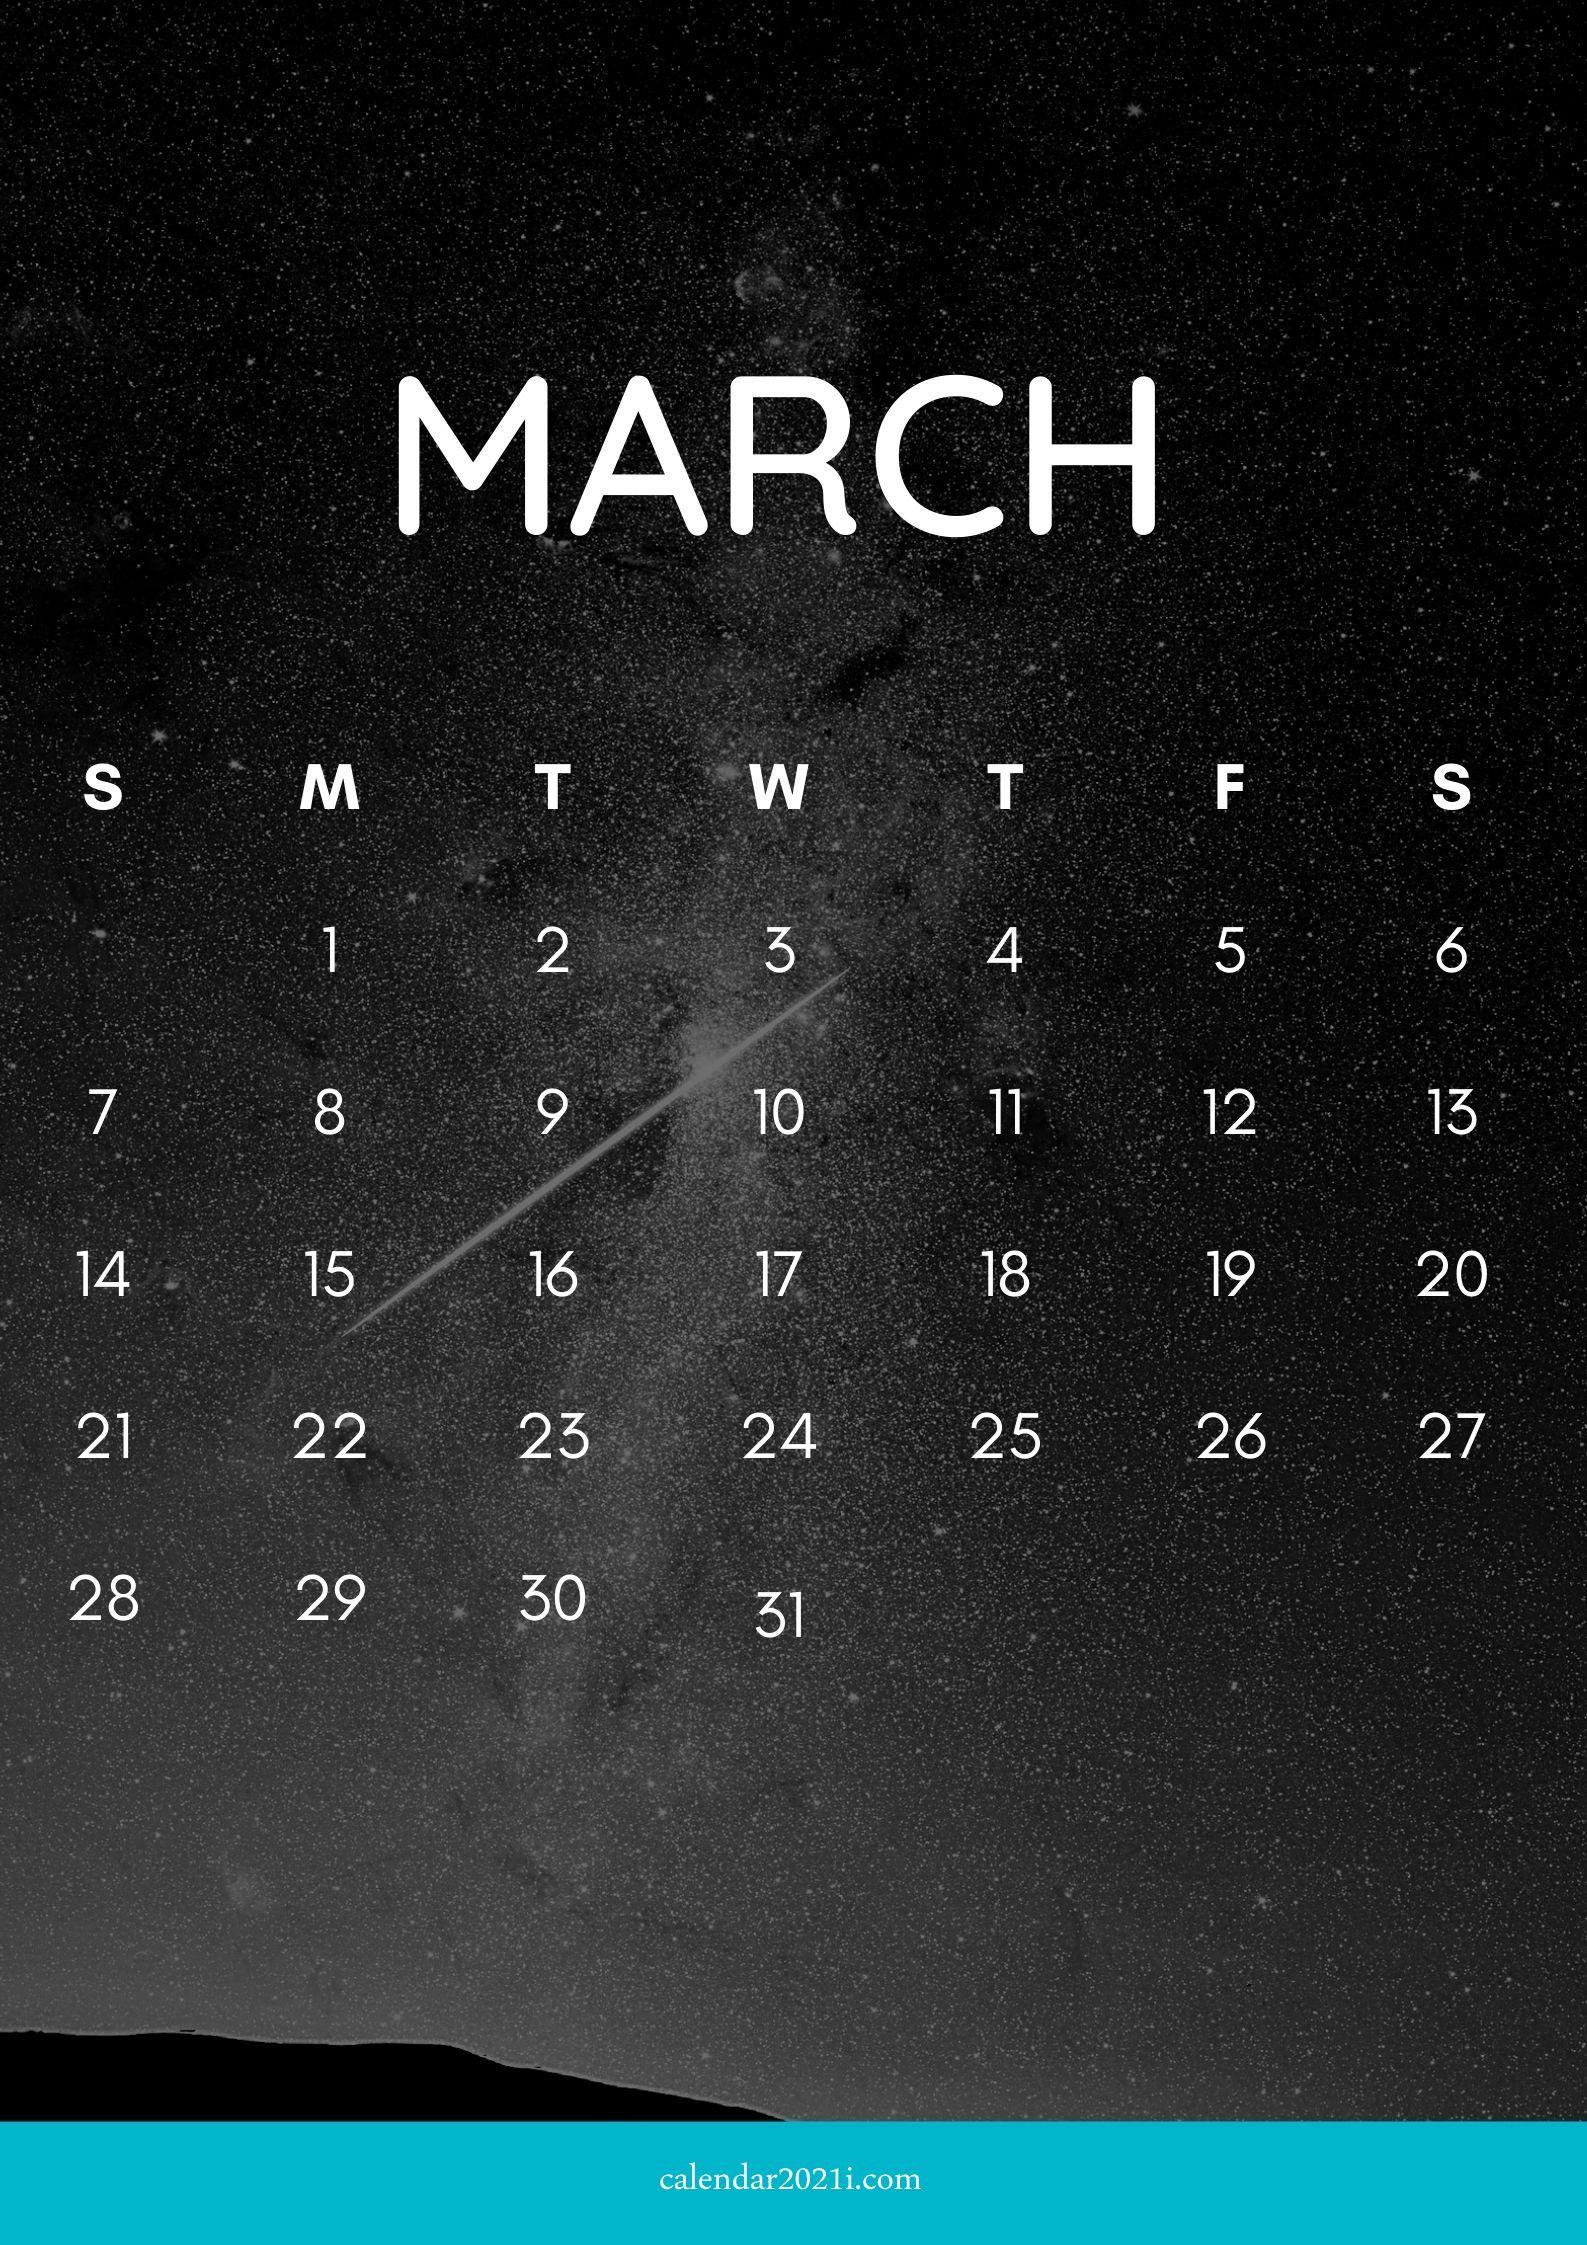 iPhone March 2021 Calendar Wallpaper Download Calendar